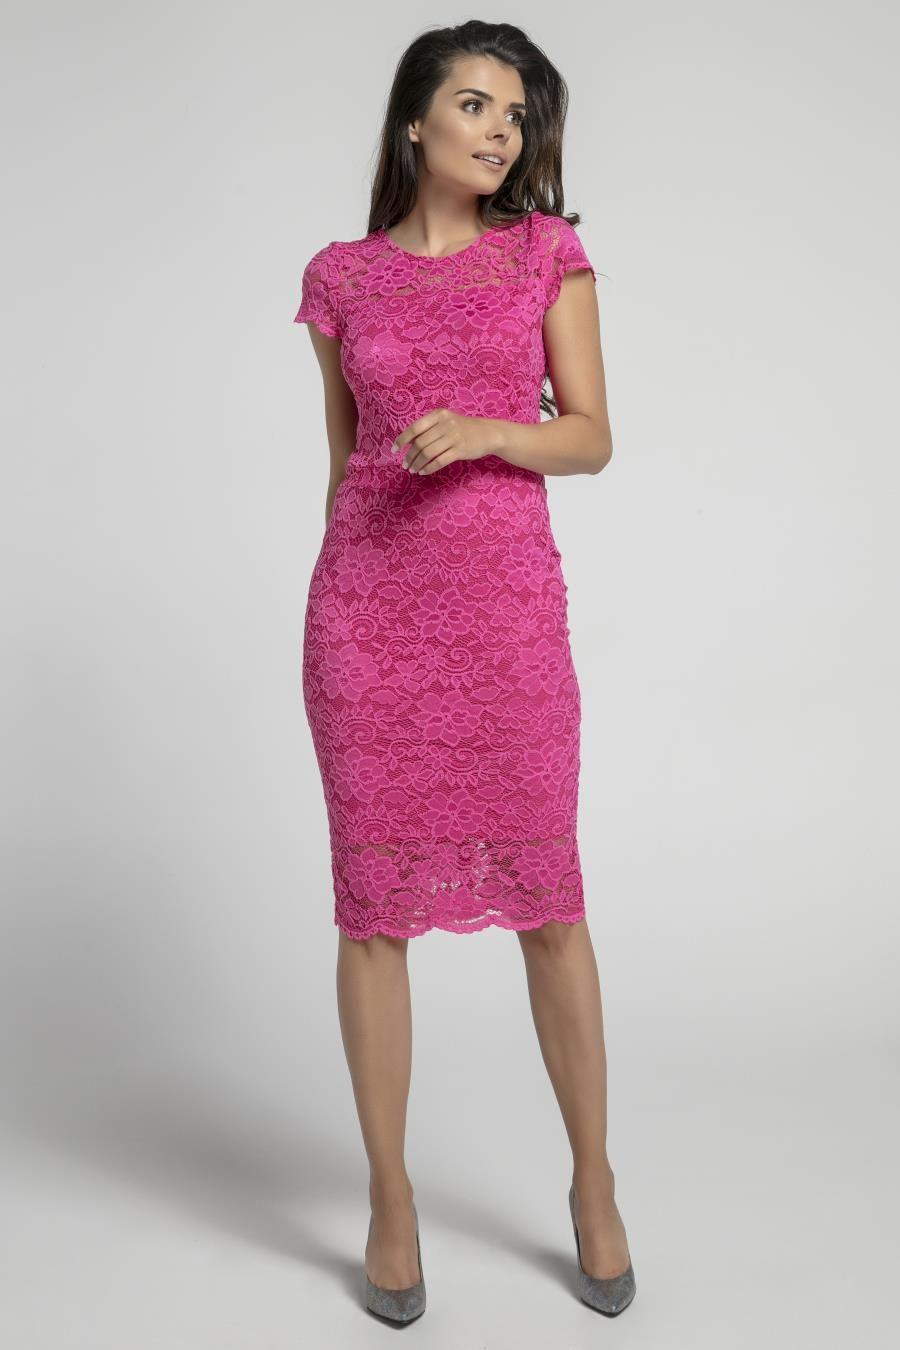 ff44797b1e Dopasowana Sukienka Midi z Koronki Ciemny Róż NA574